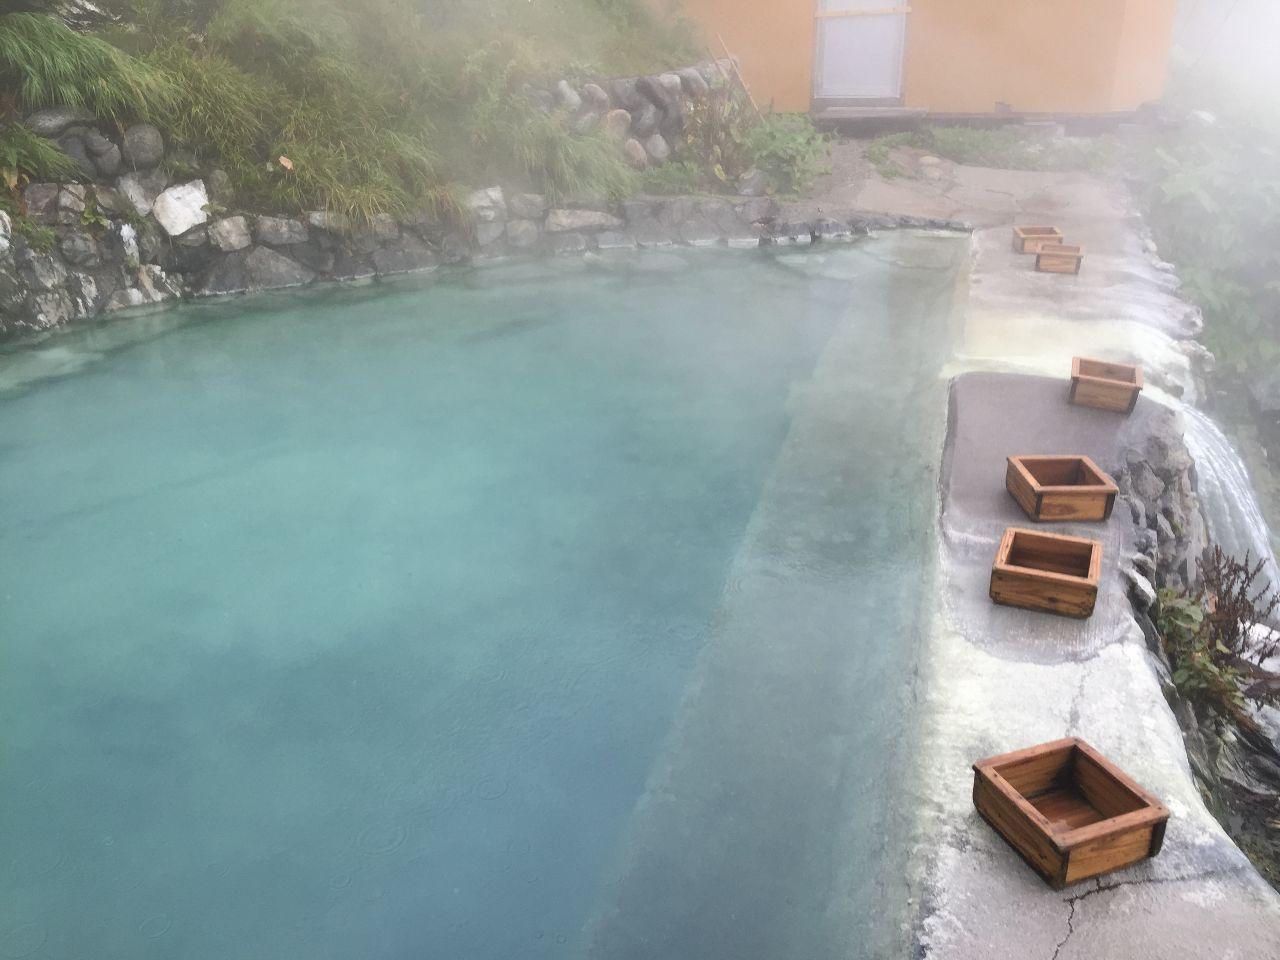 ストップ高とオンリーワン銘柄で今日も良い一日を! チョット前に行った 白馬鑓温泉♨️ 2000mにある 山小屋の温泉です!